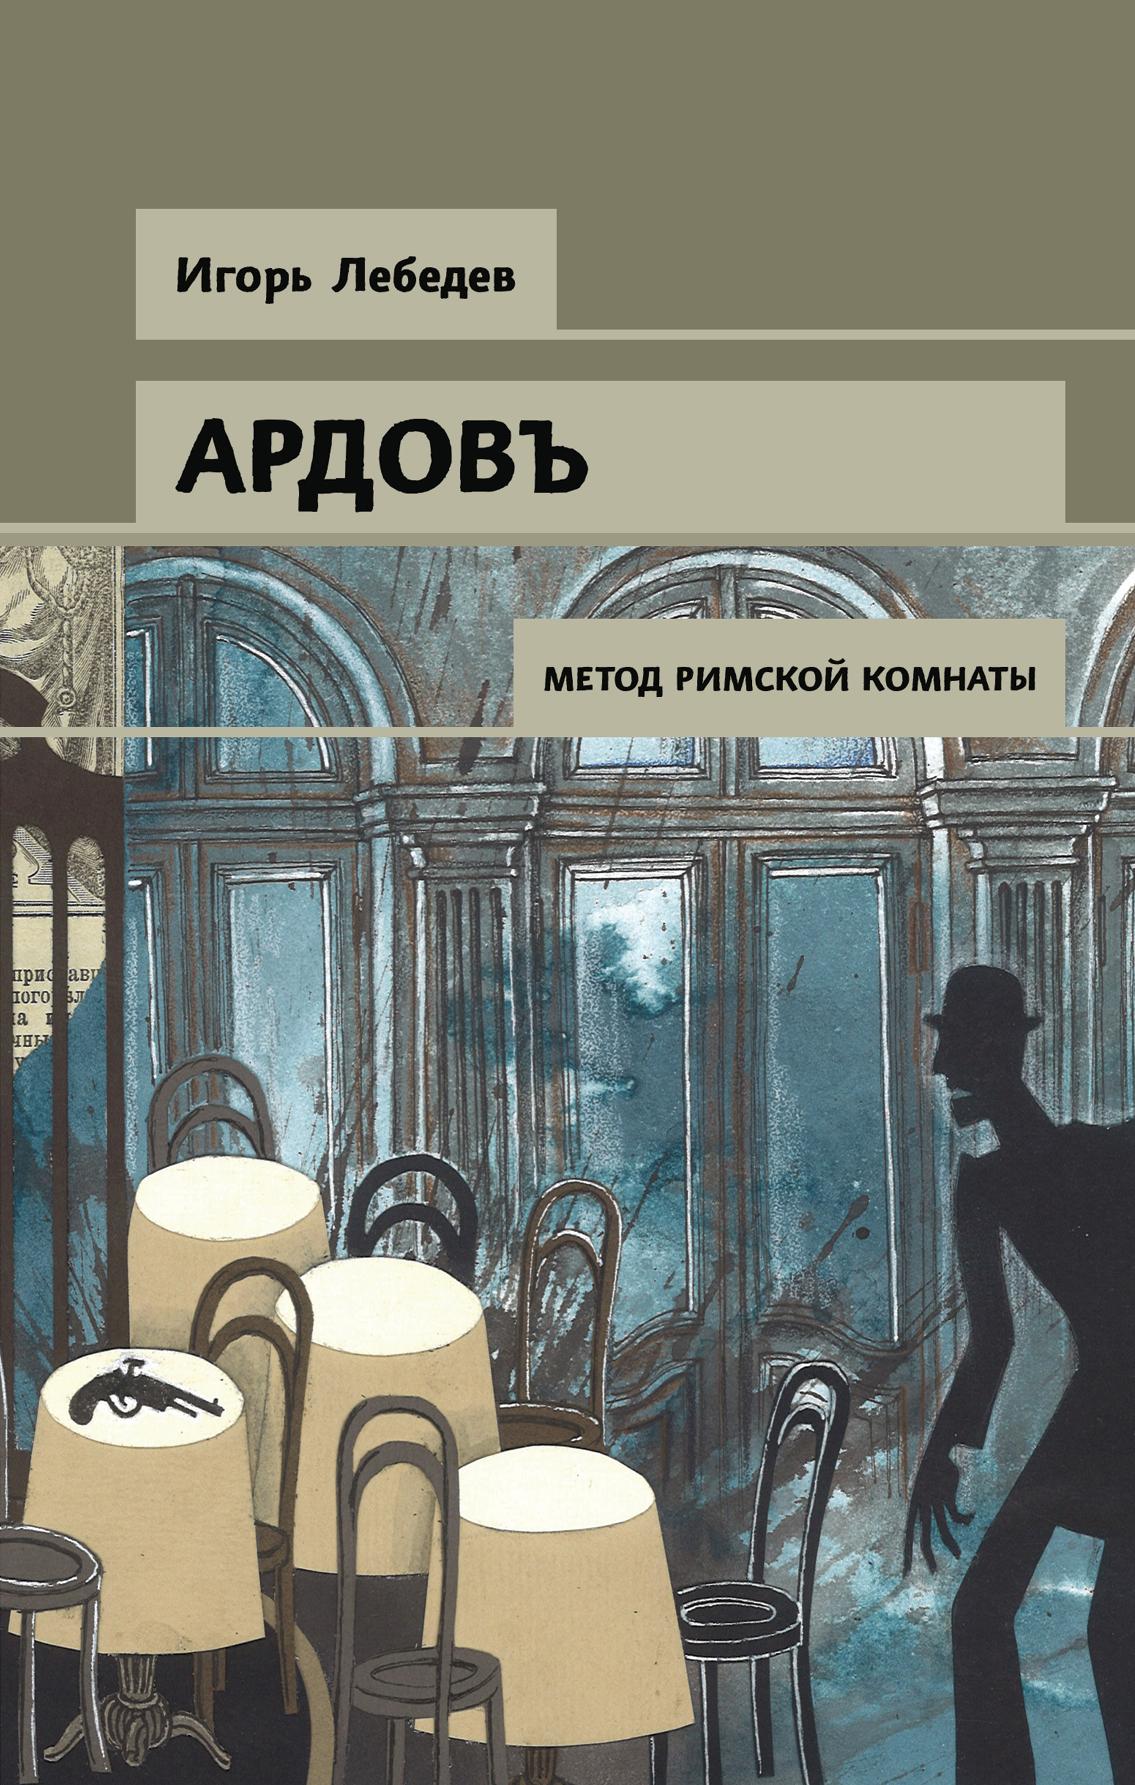 Игорь Лебедев - Метод римской комнаты